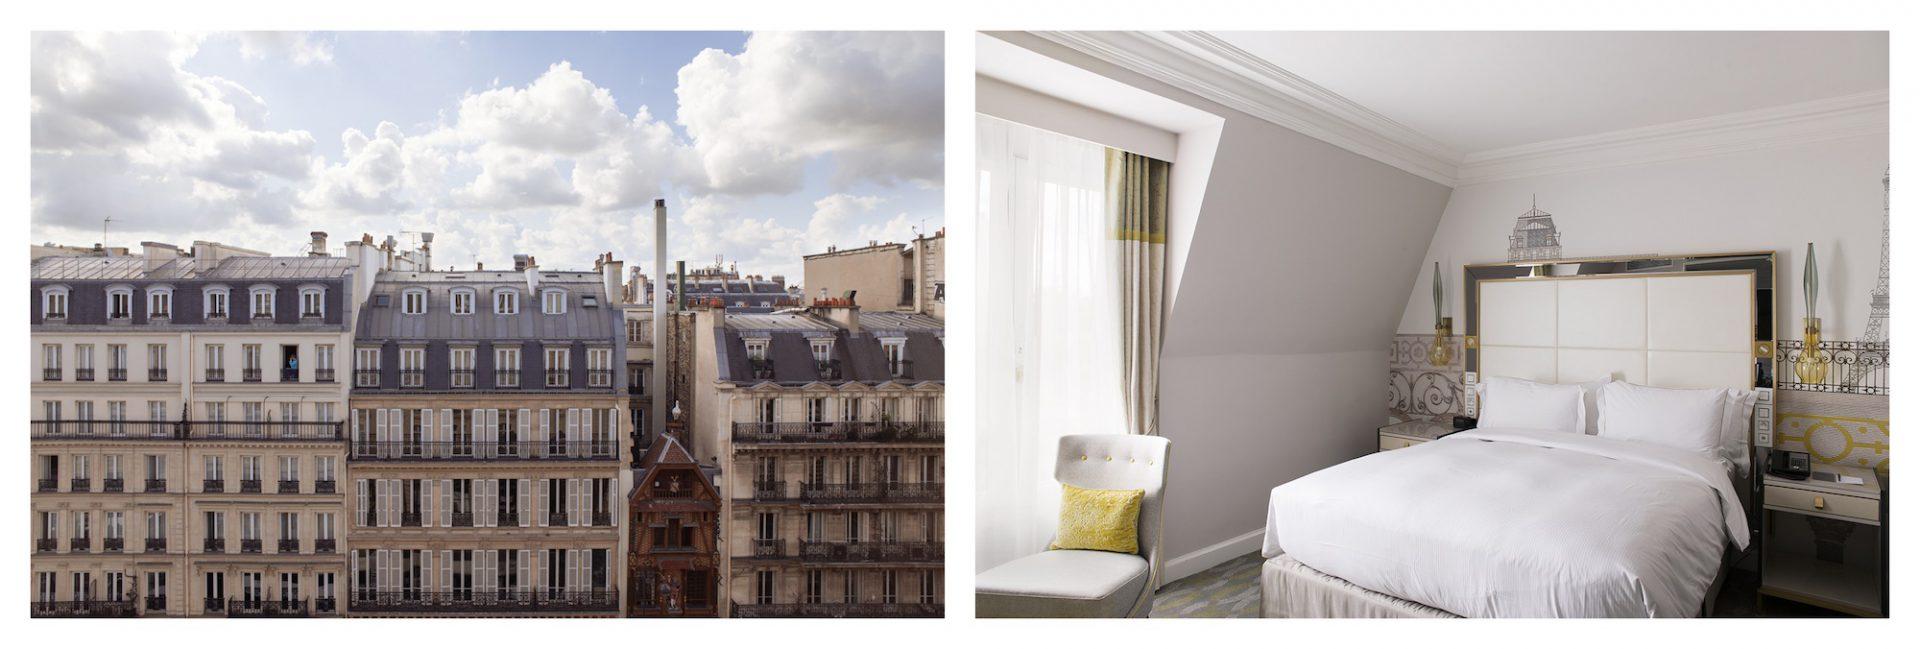 Seite 36-37. 02.09.2015, Paris, Room 591